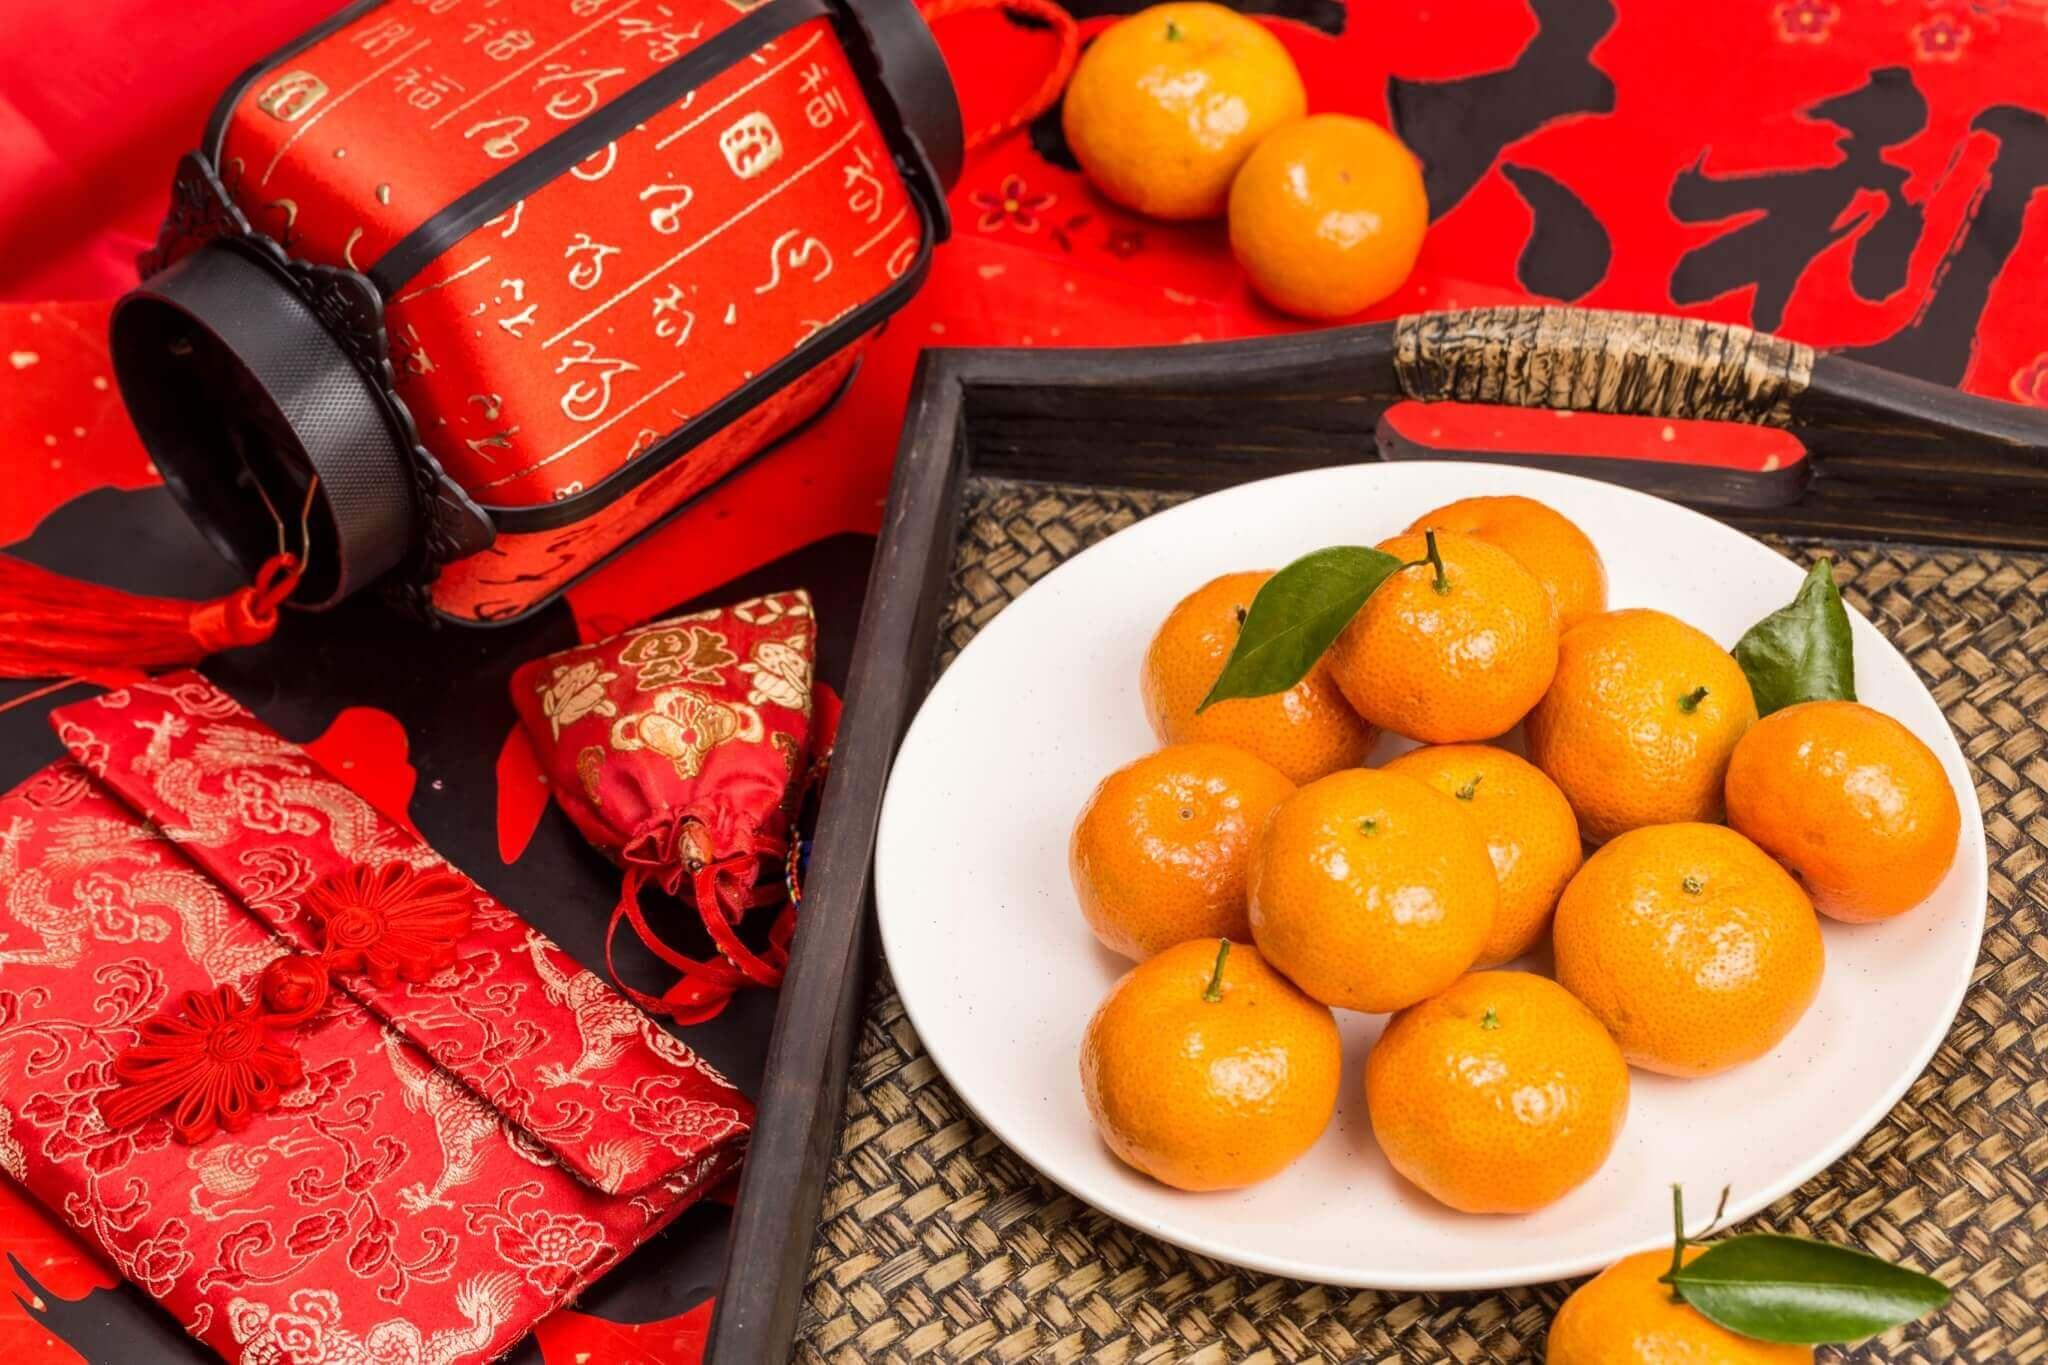 ข้อควรปฏิบัติในวันตรุษจีน และ ข้อห้ามในวันตรุษจีน 2564 ไหว้ผู้ใหญ่ด้วยส้ม